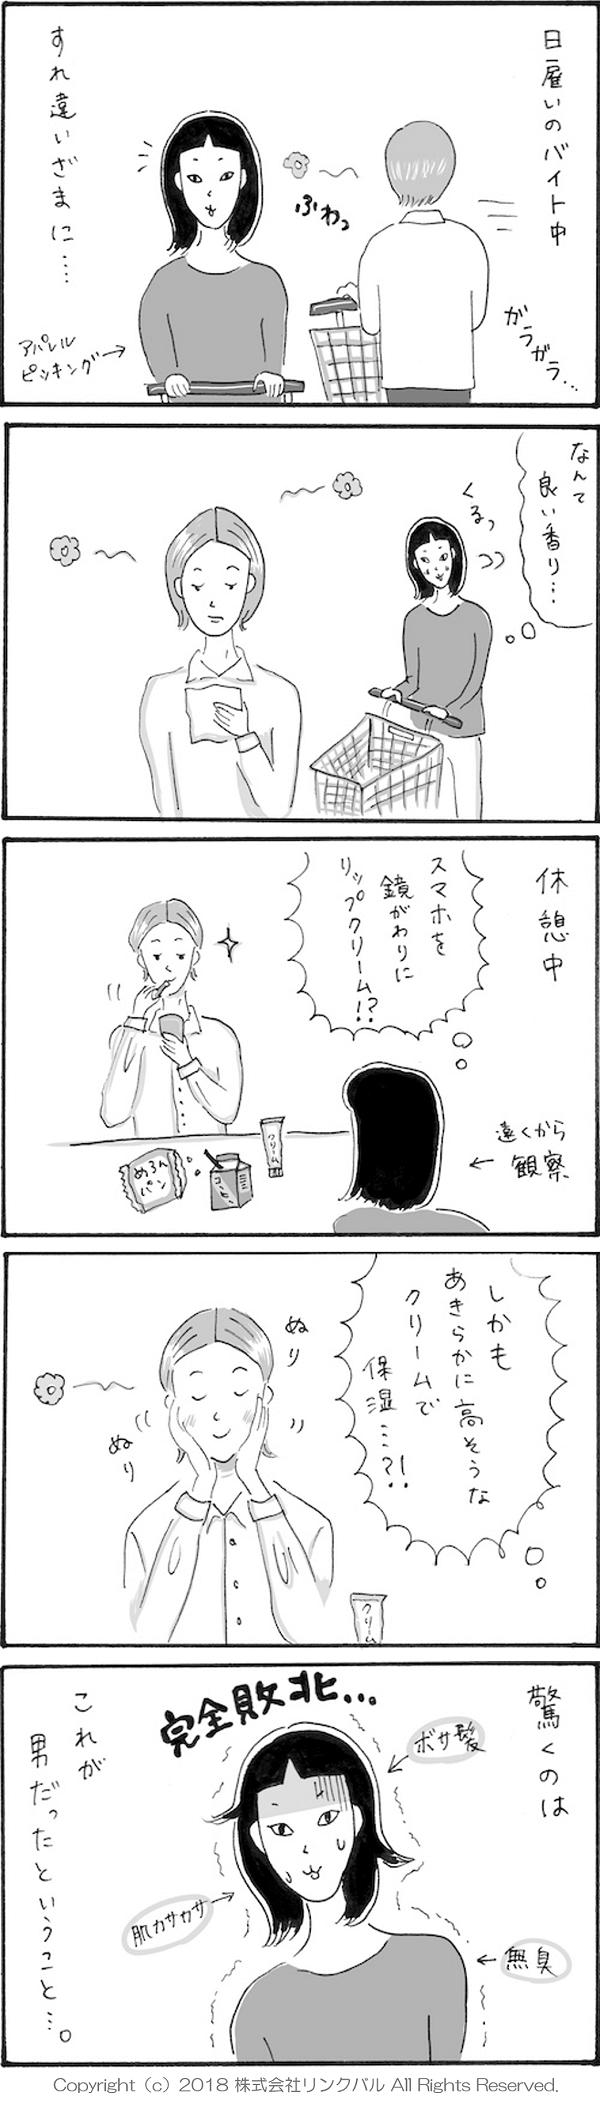 【婚活漫画】柿ノ種まきこの 女もつらいよ・第12話「試される女子力」